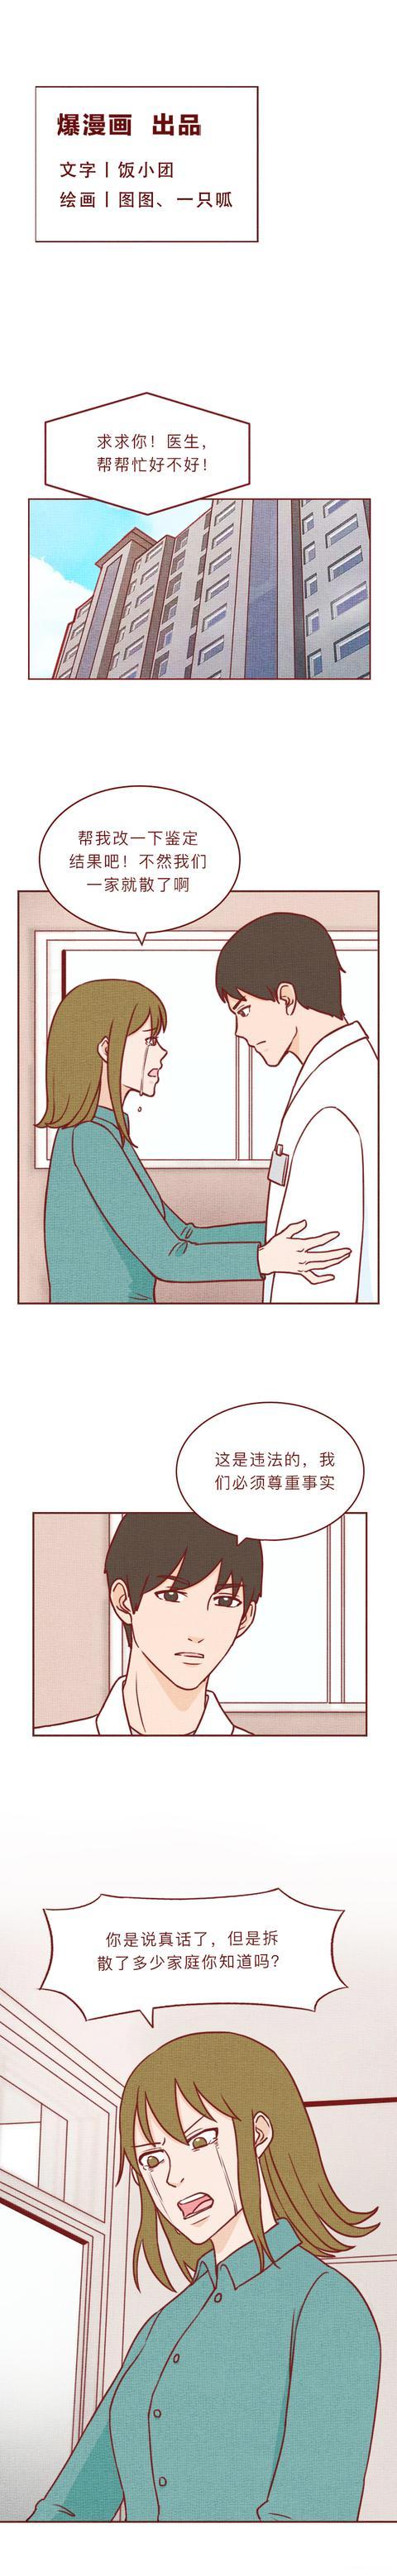 爱漫画,16岁女生带了4个男友做亲子鉴定,见证了复杂的性与爱(漫画)